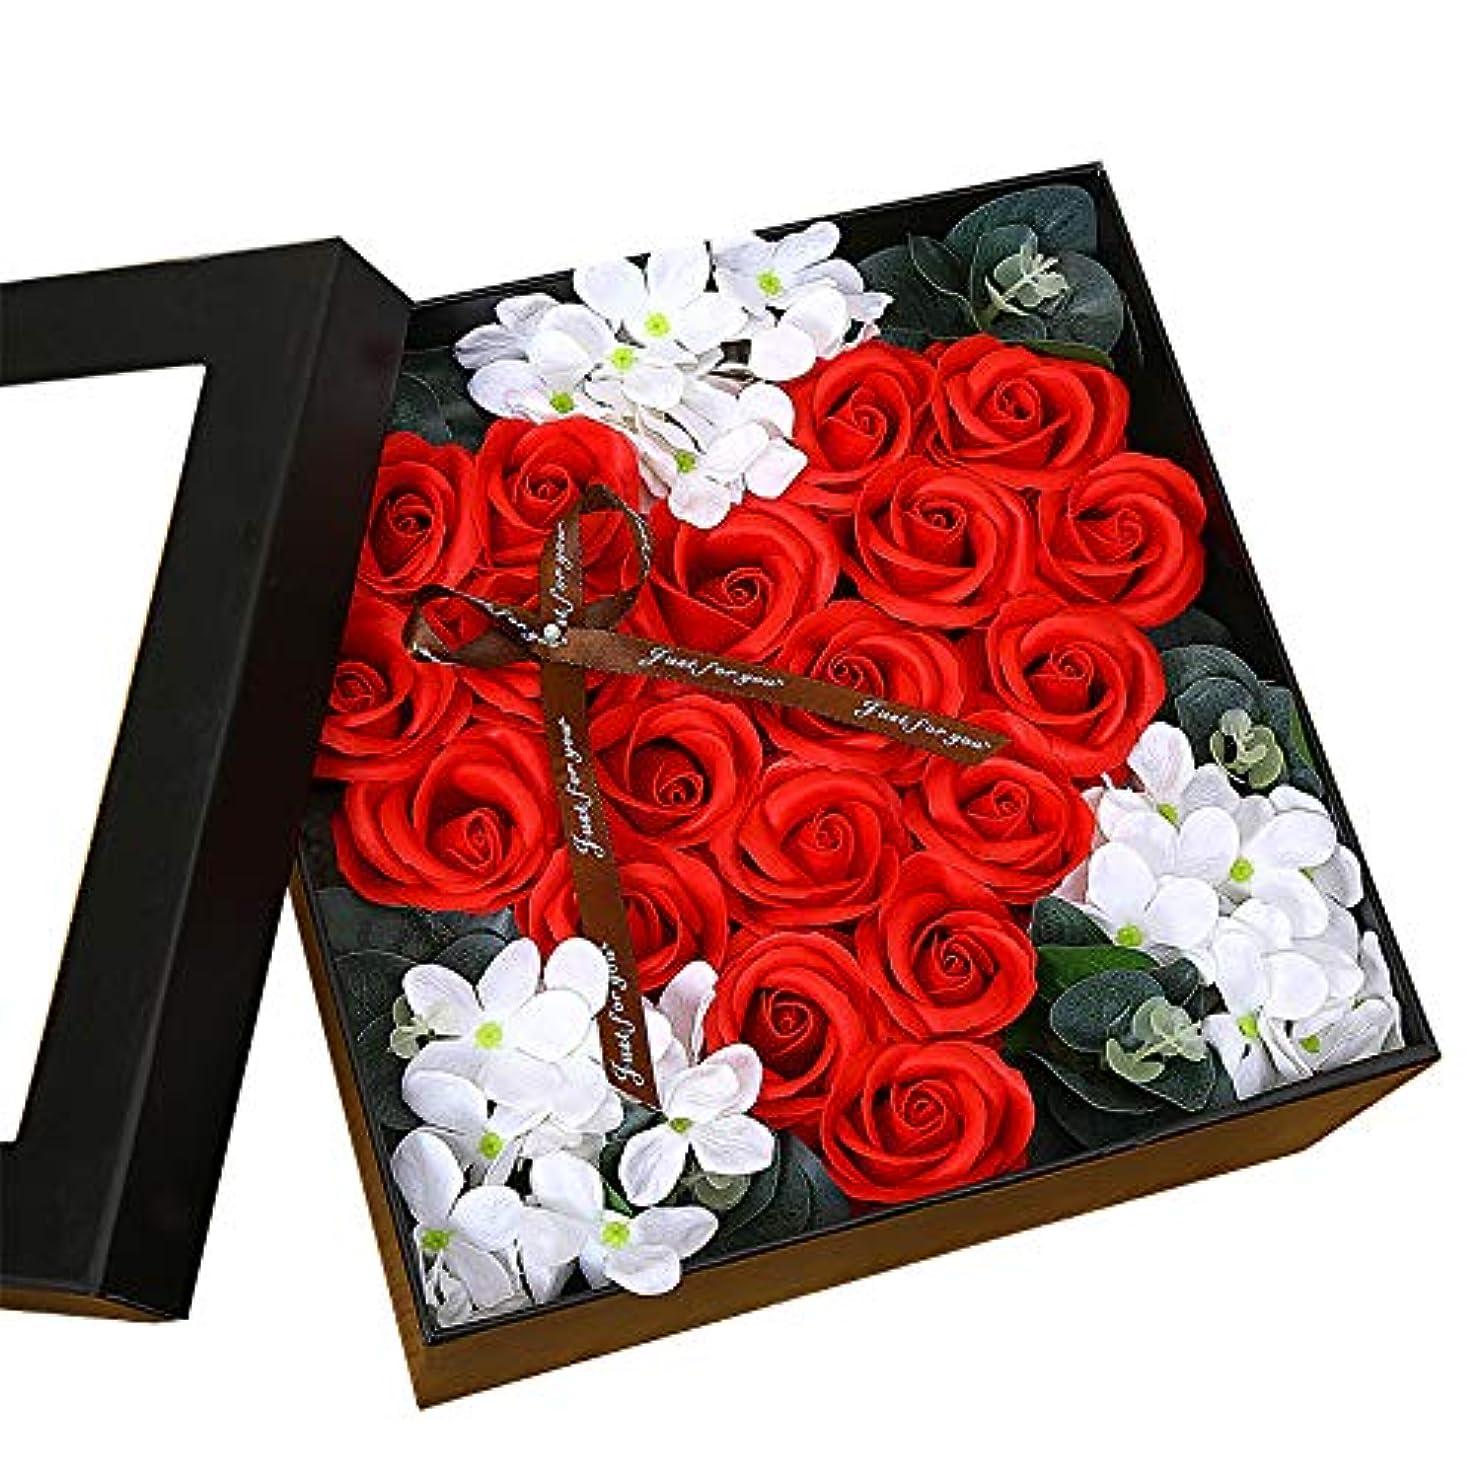 広範囲再発するアブセイ生地と花石鹸の花 ギフトソープフラワーローズフラワーバレンタインデーのために不可欠ガールフレンド記念日誕生日母の日 (色 : Red square box)